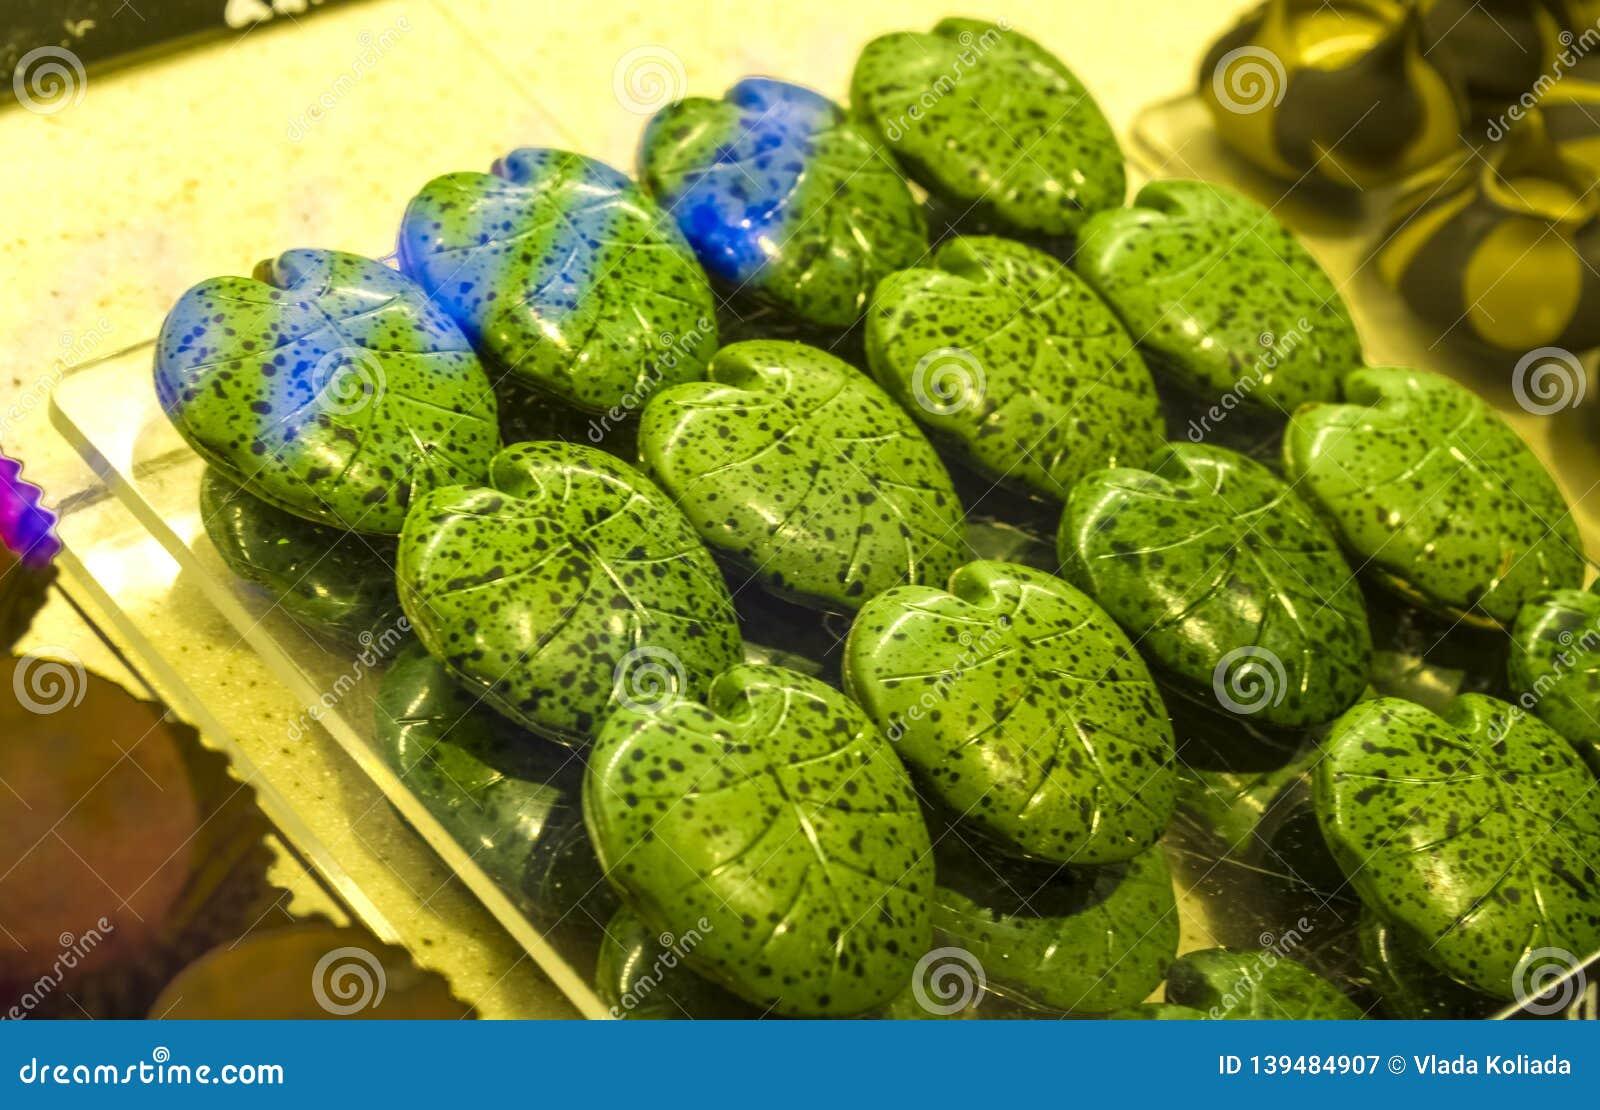 Handgjorda gröna godisar i form av monsterablad på ettfönster shoppar in Smakliga sötsaker Supermarket kafé Ovanlig form